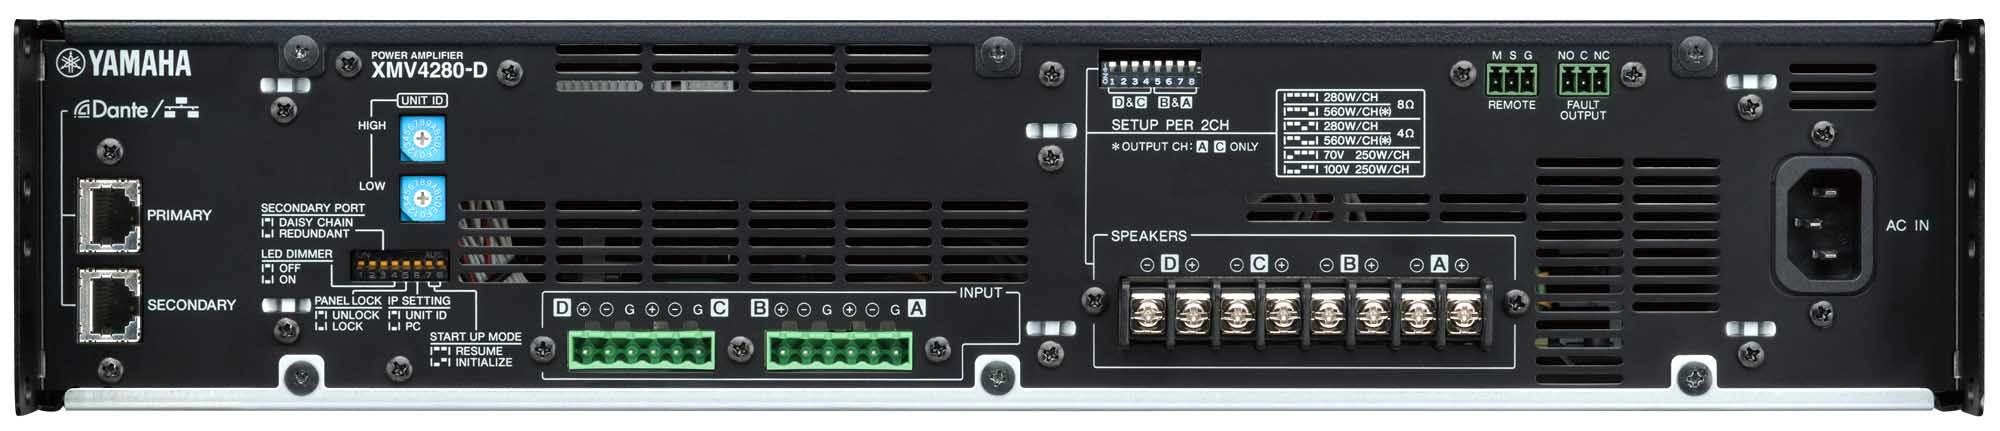 نمای پشت و ورودی و خروجی های پاور آمپلی فایر های 4 کانال تحت شبکه YAMAHA ( یاماها ) مدل های XMV4140D , XMV4280D